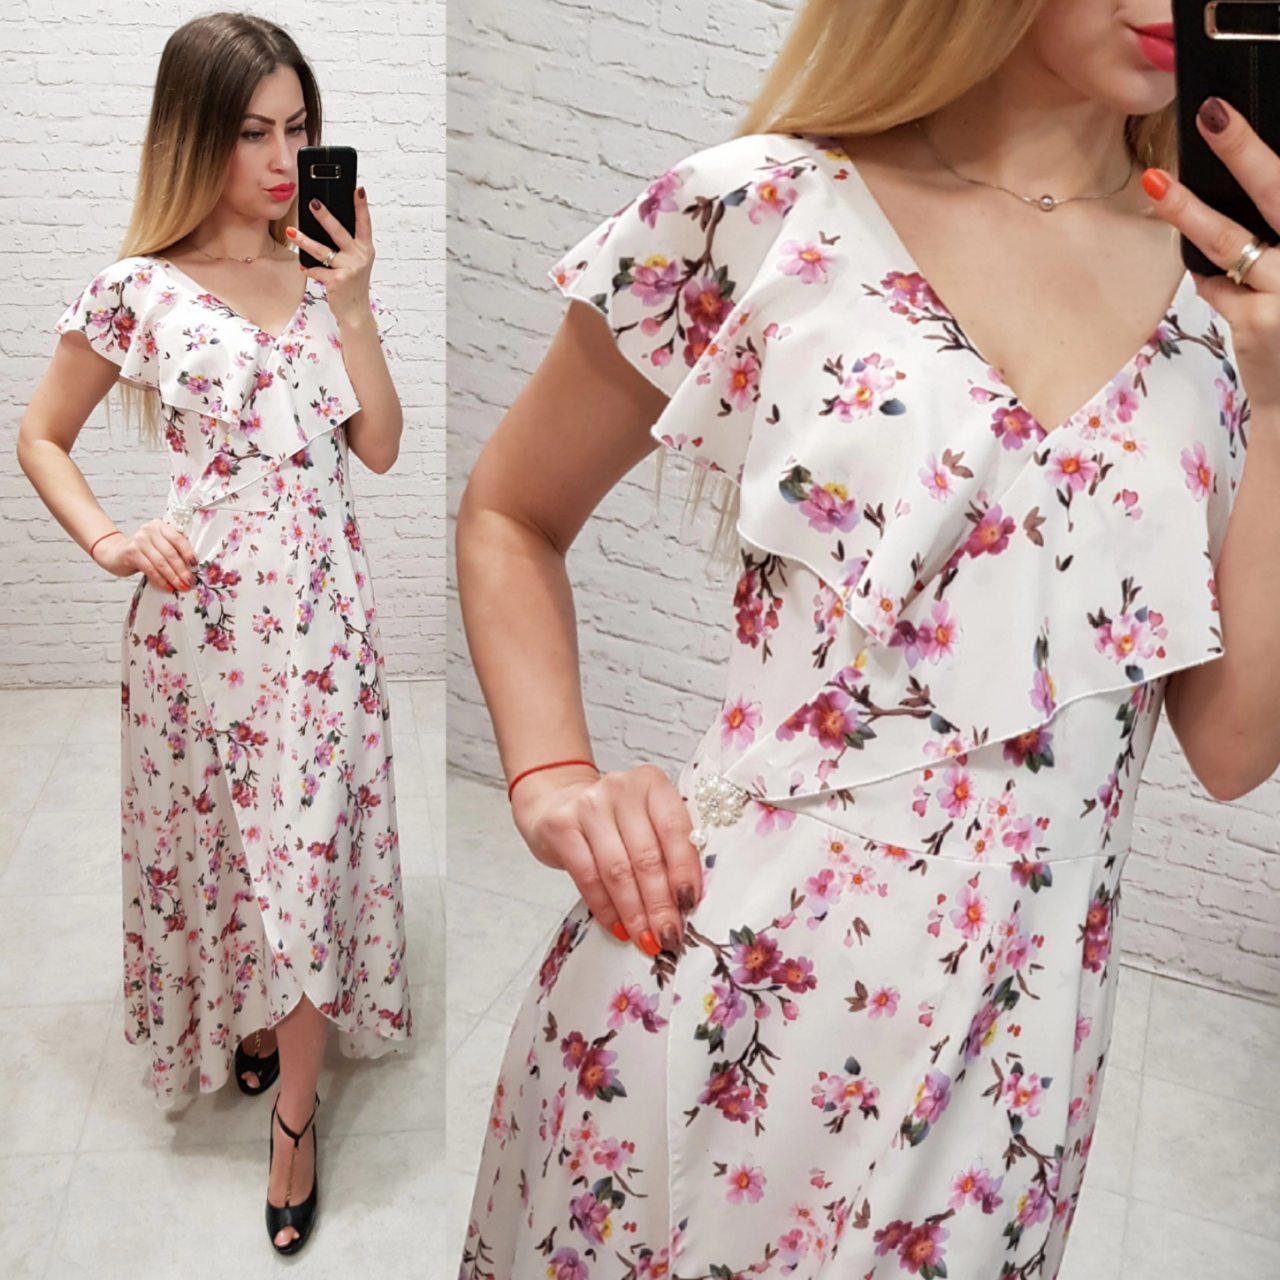 Платье летнее длинное, модель 111, цвет - белый в мелкий розовый цветок